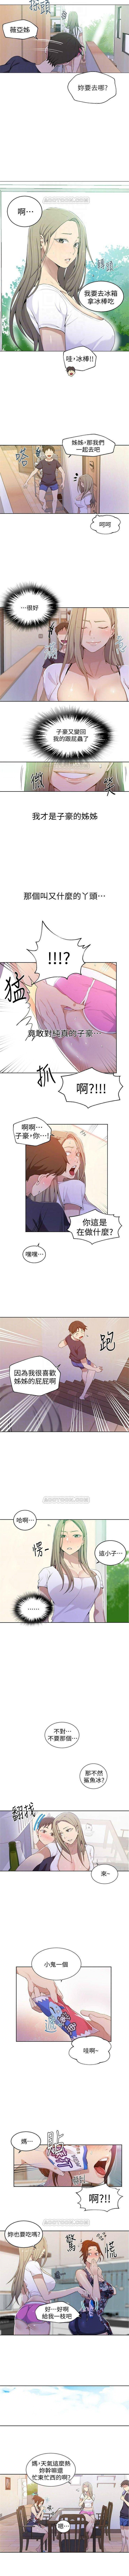 (週6)秘密教學  1-35 中文翻譯 (更新中) 223